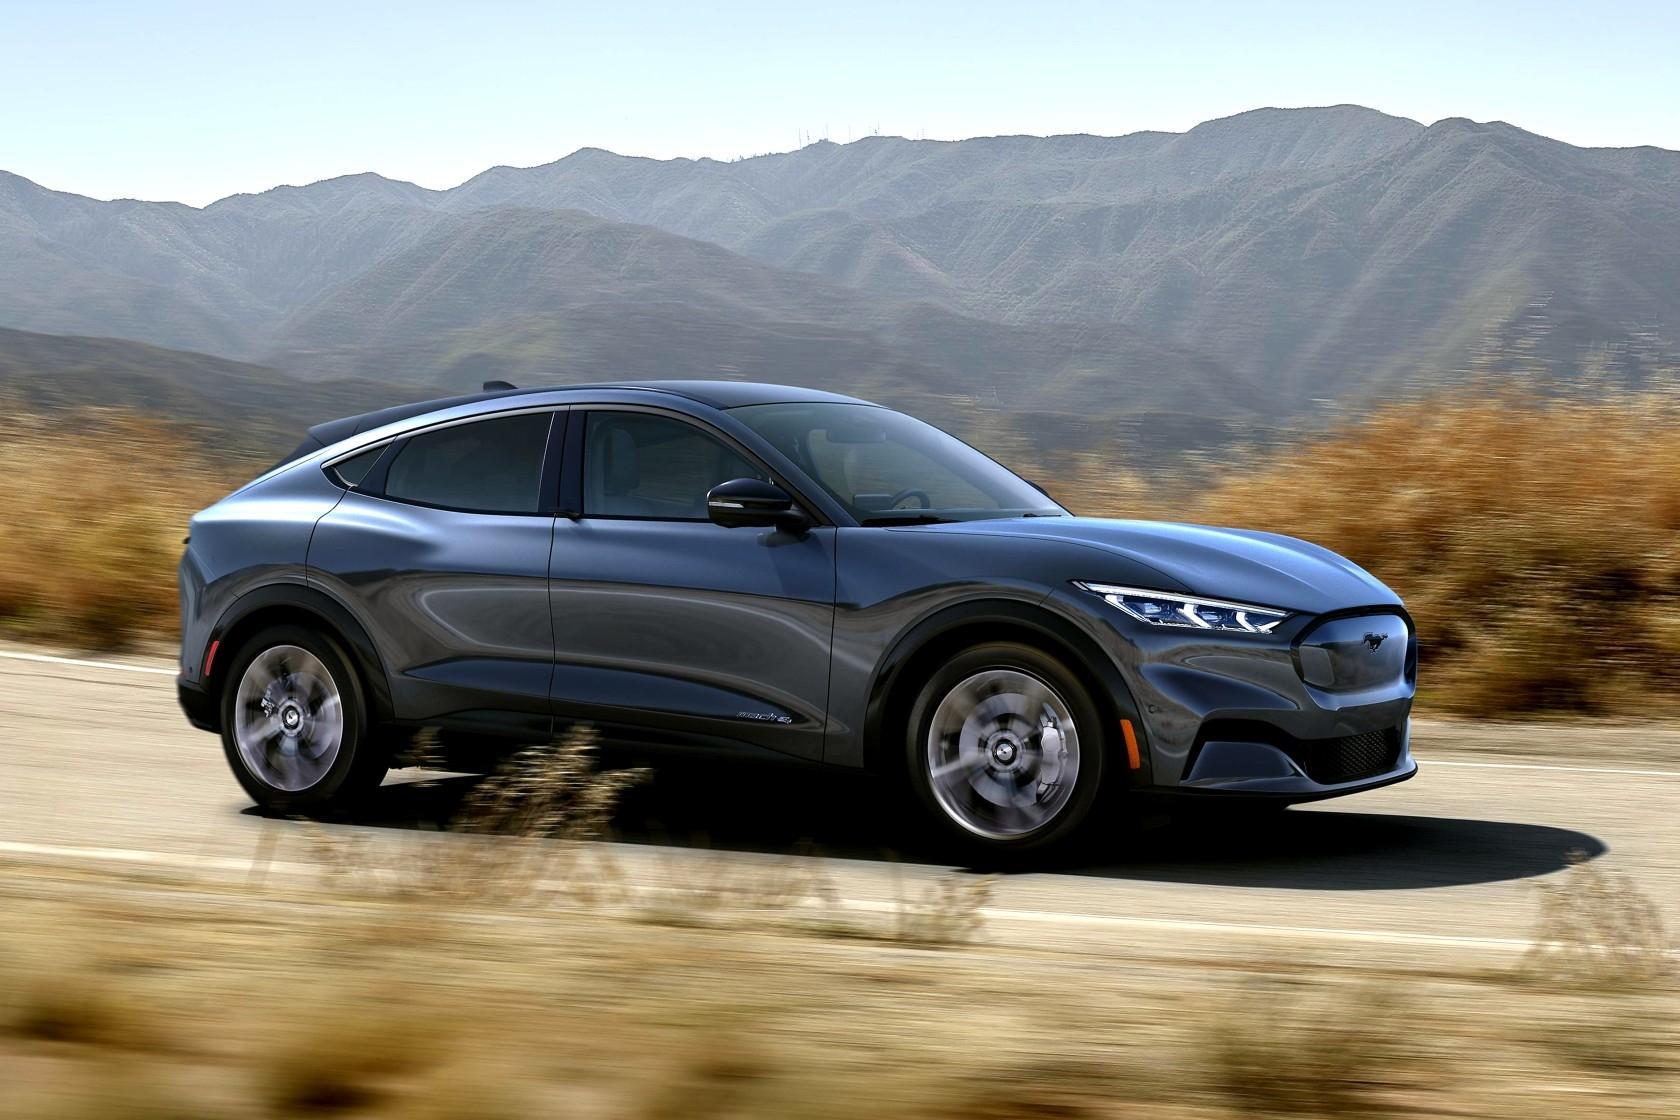 Ford Mustang Mach E ra mắt: Crossover thuần điện, giá từ 44.000 USD Ảnh 2